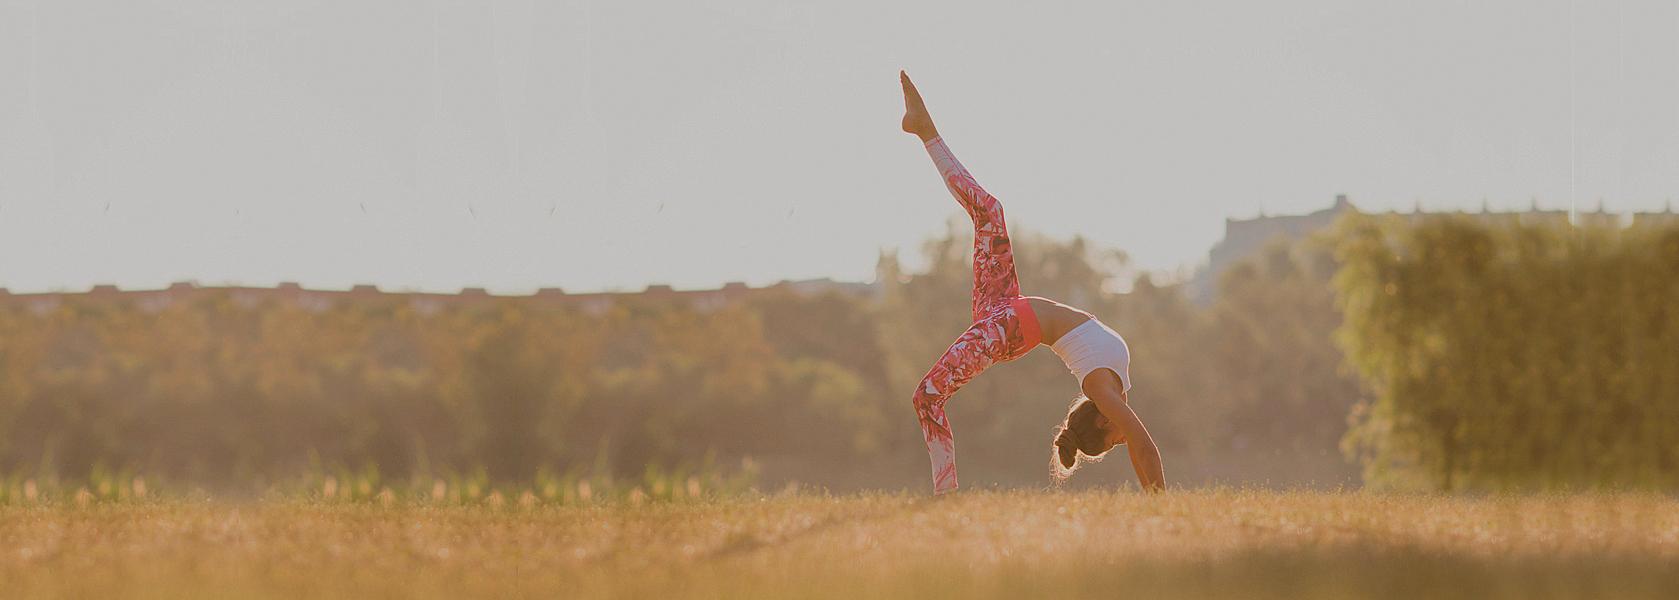 Eine Dame macht eine Yogafigur im freien auf einer Wiese